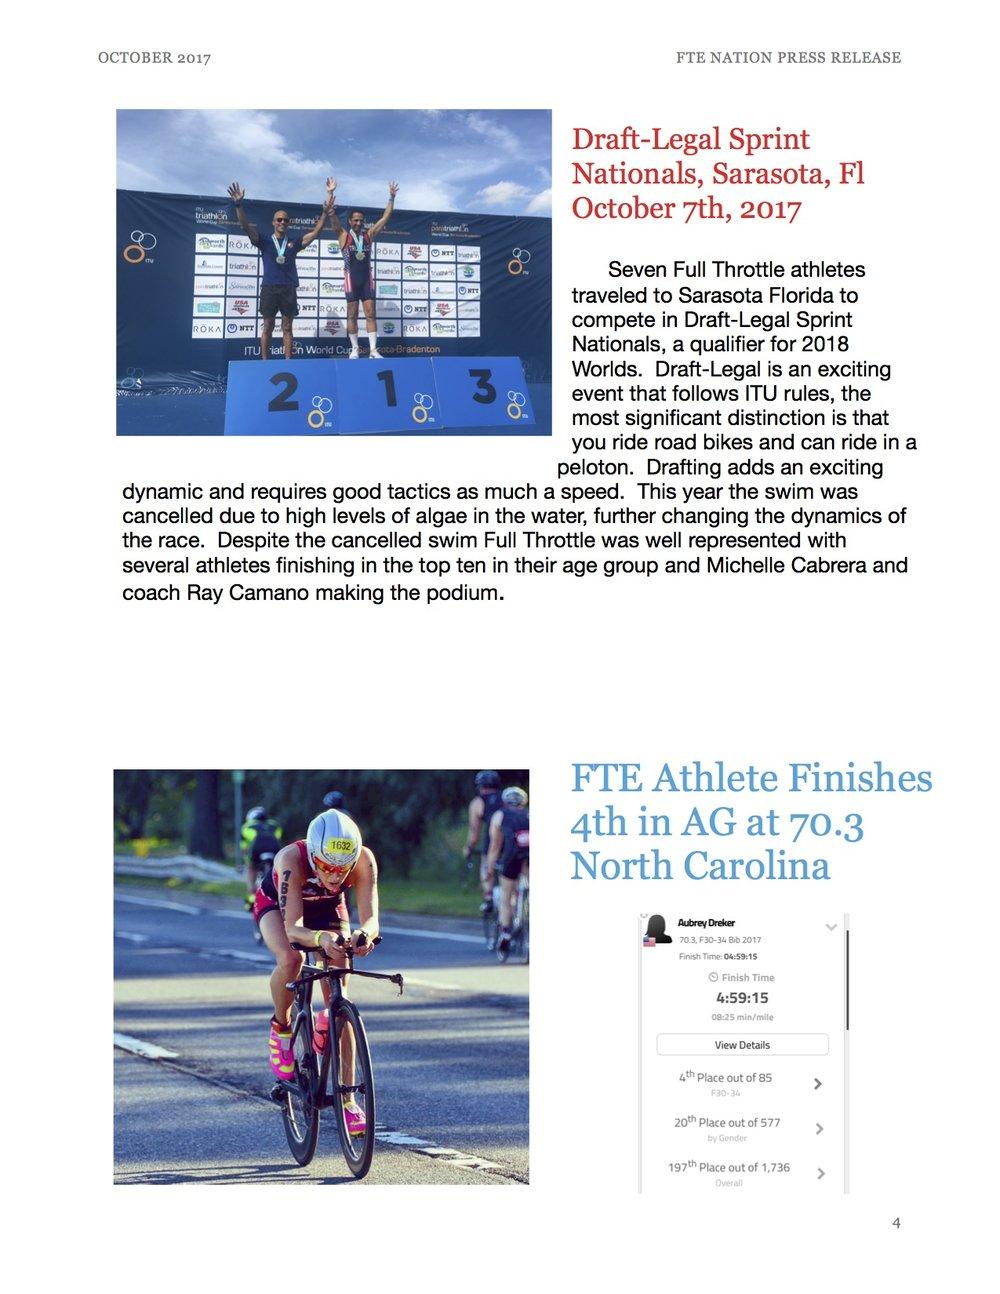 October 2017 press release 4.jpg